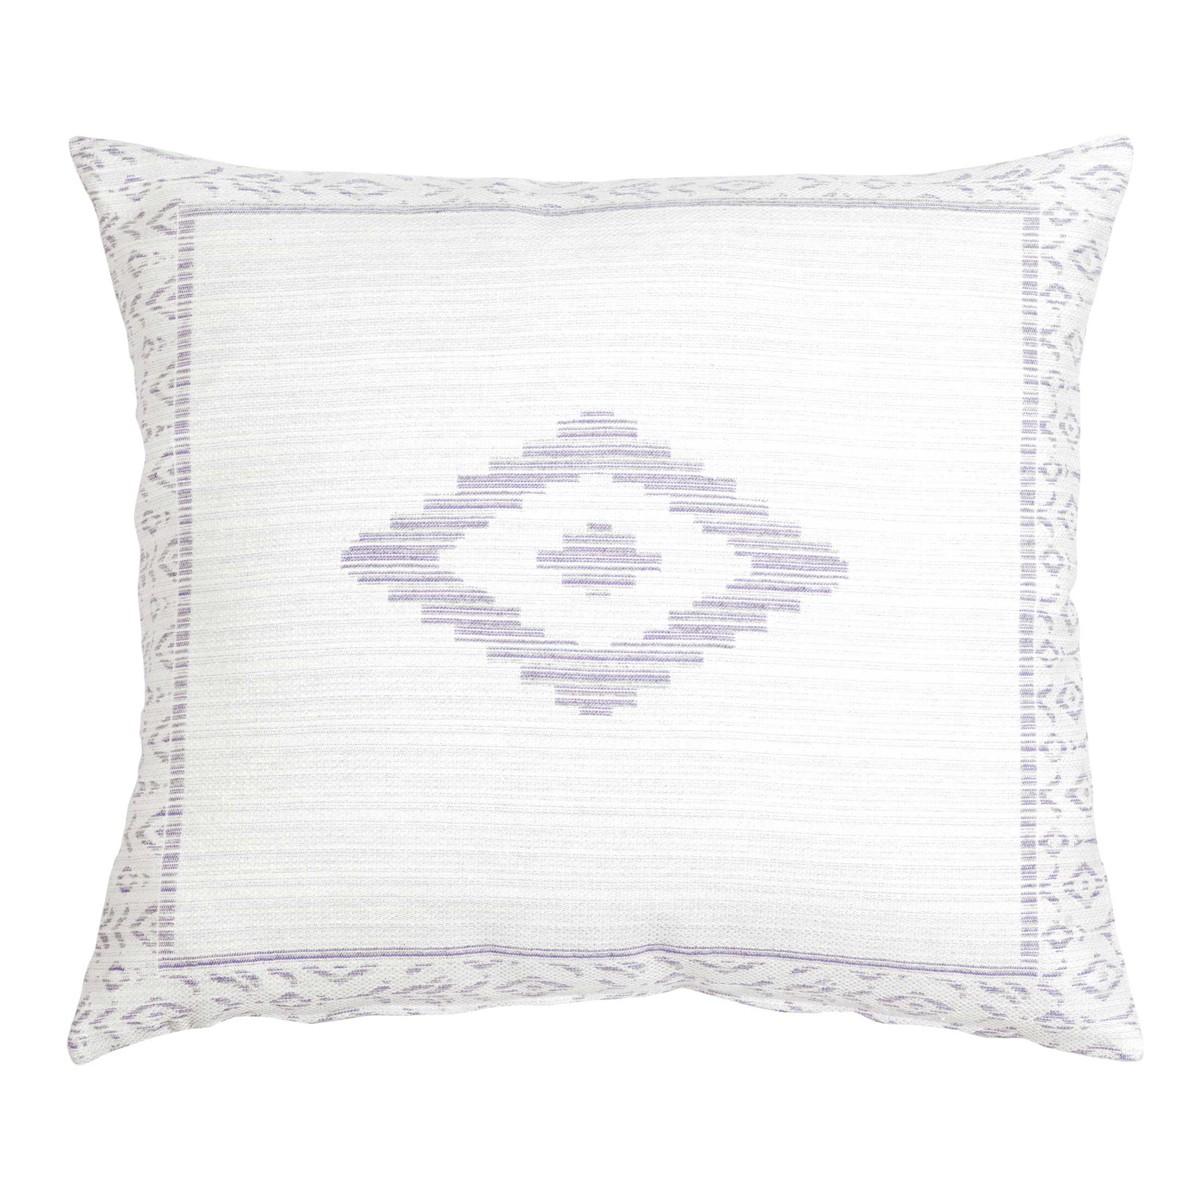 Διακοσμητική Μαξιλαροθήκη Nima Cushions Asanti Lilac